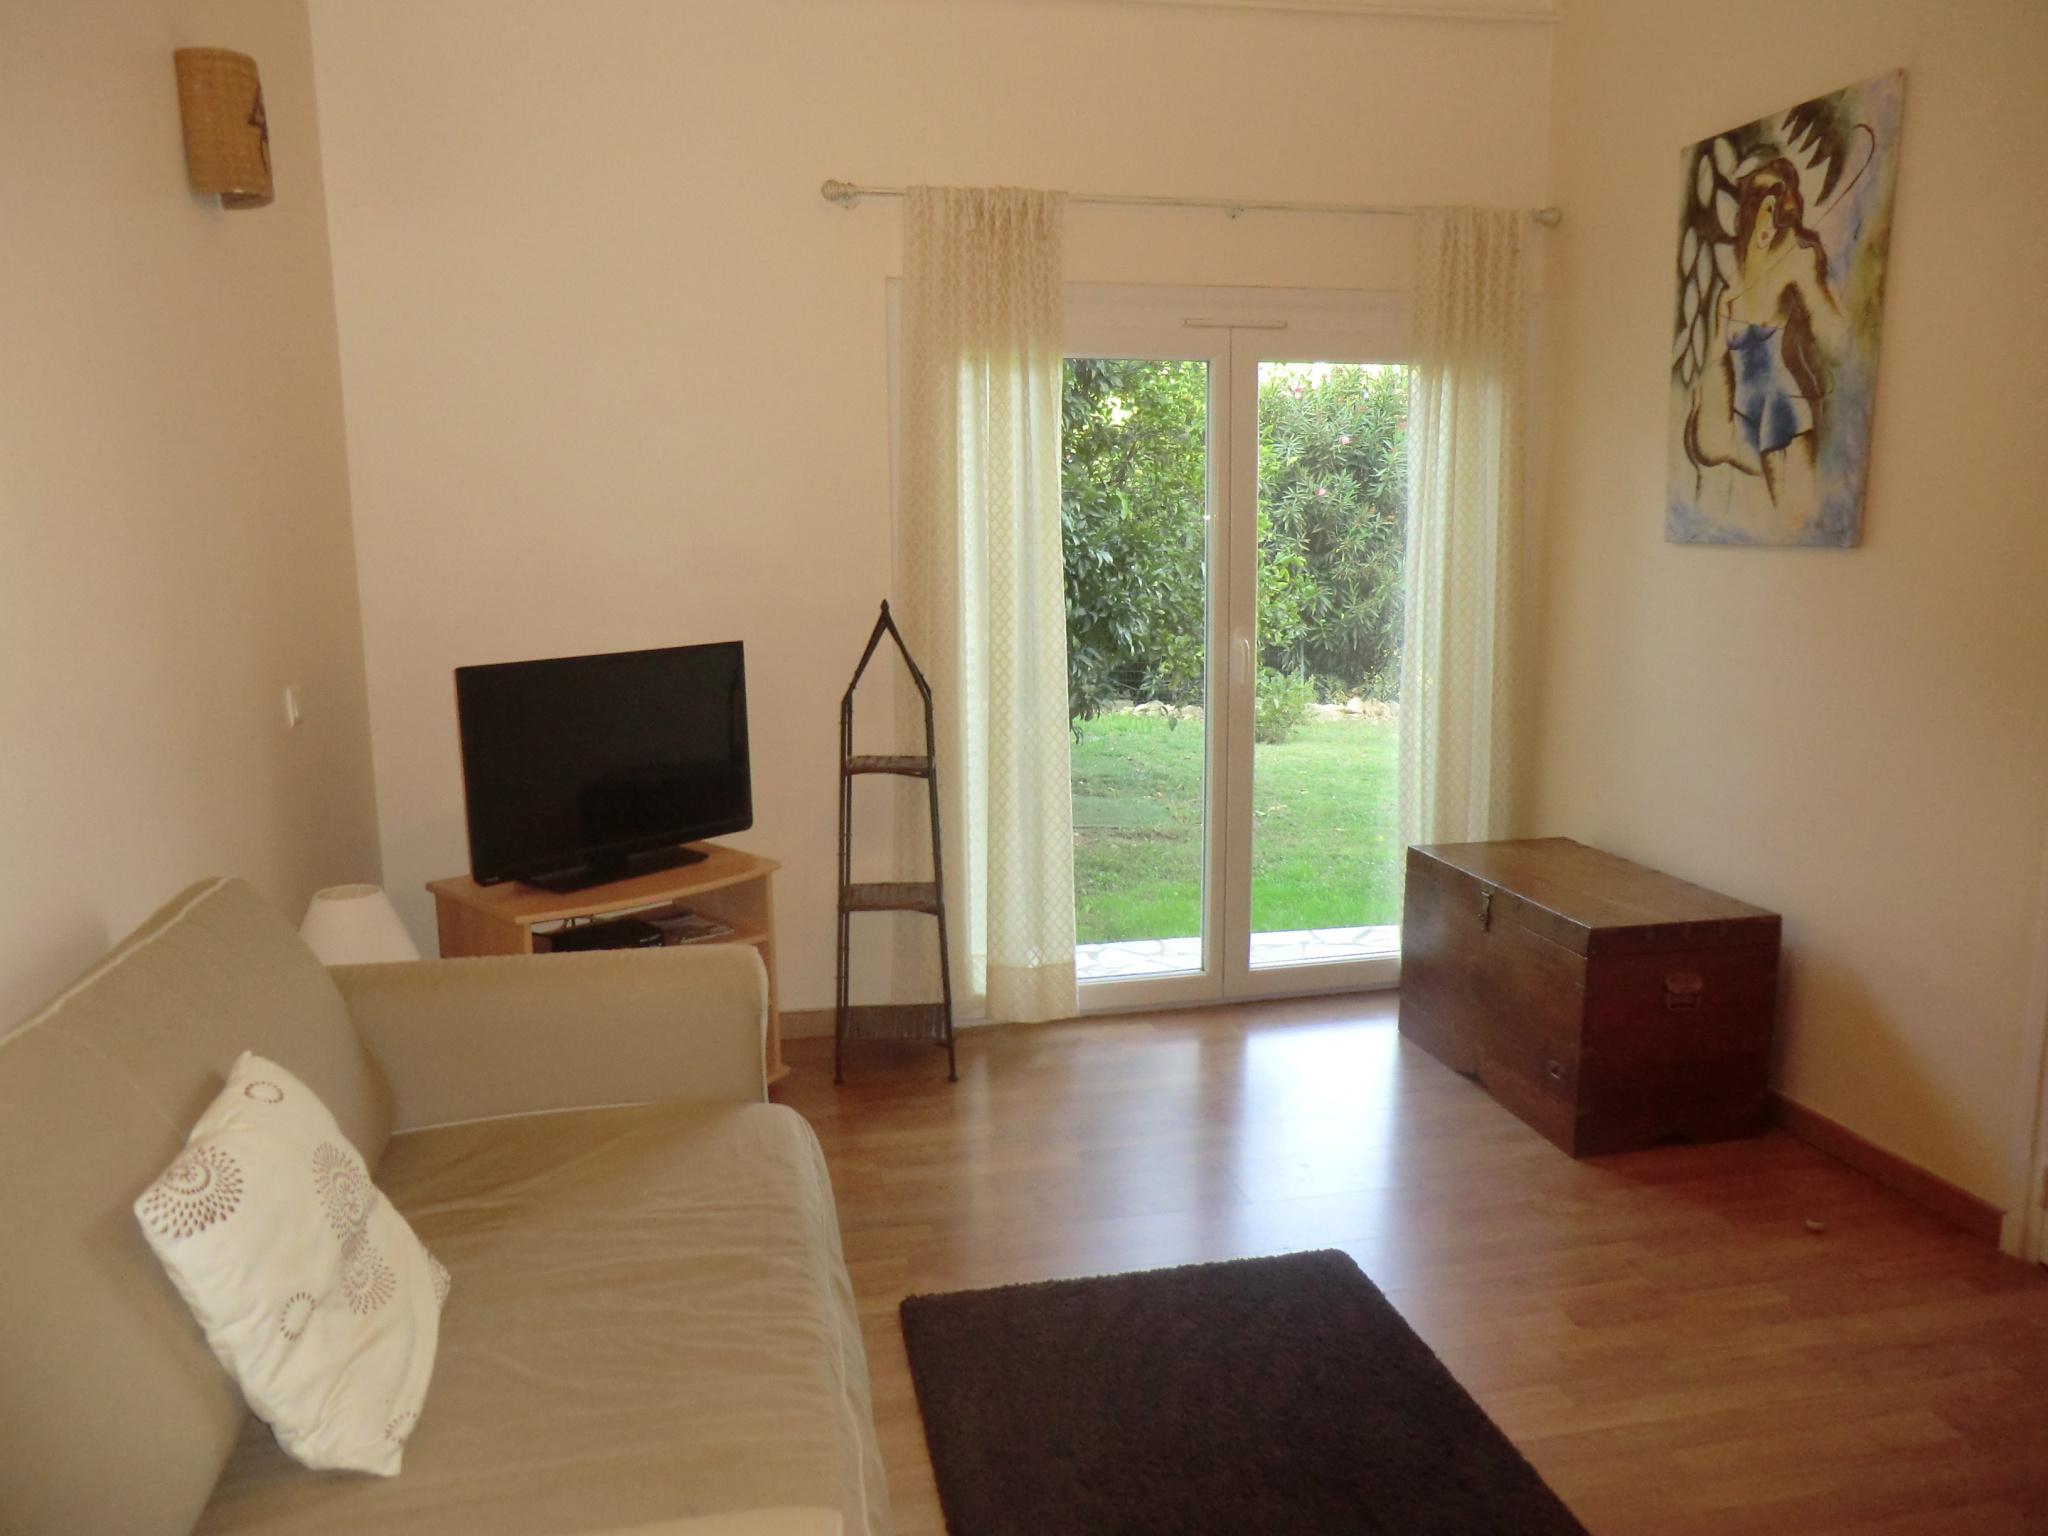 À vendre maison/villa de 500m2 à argeles sur mer (66700) - Photo 23'